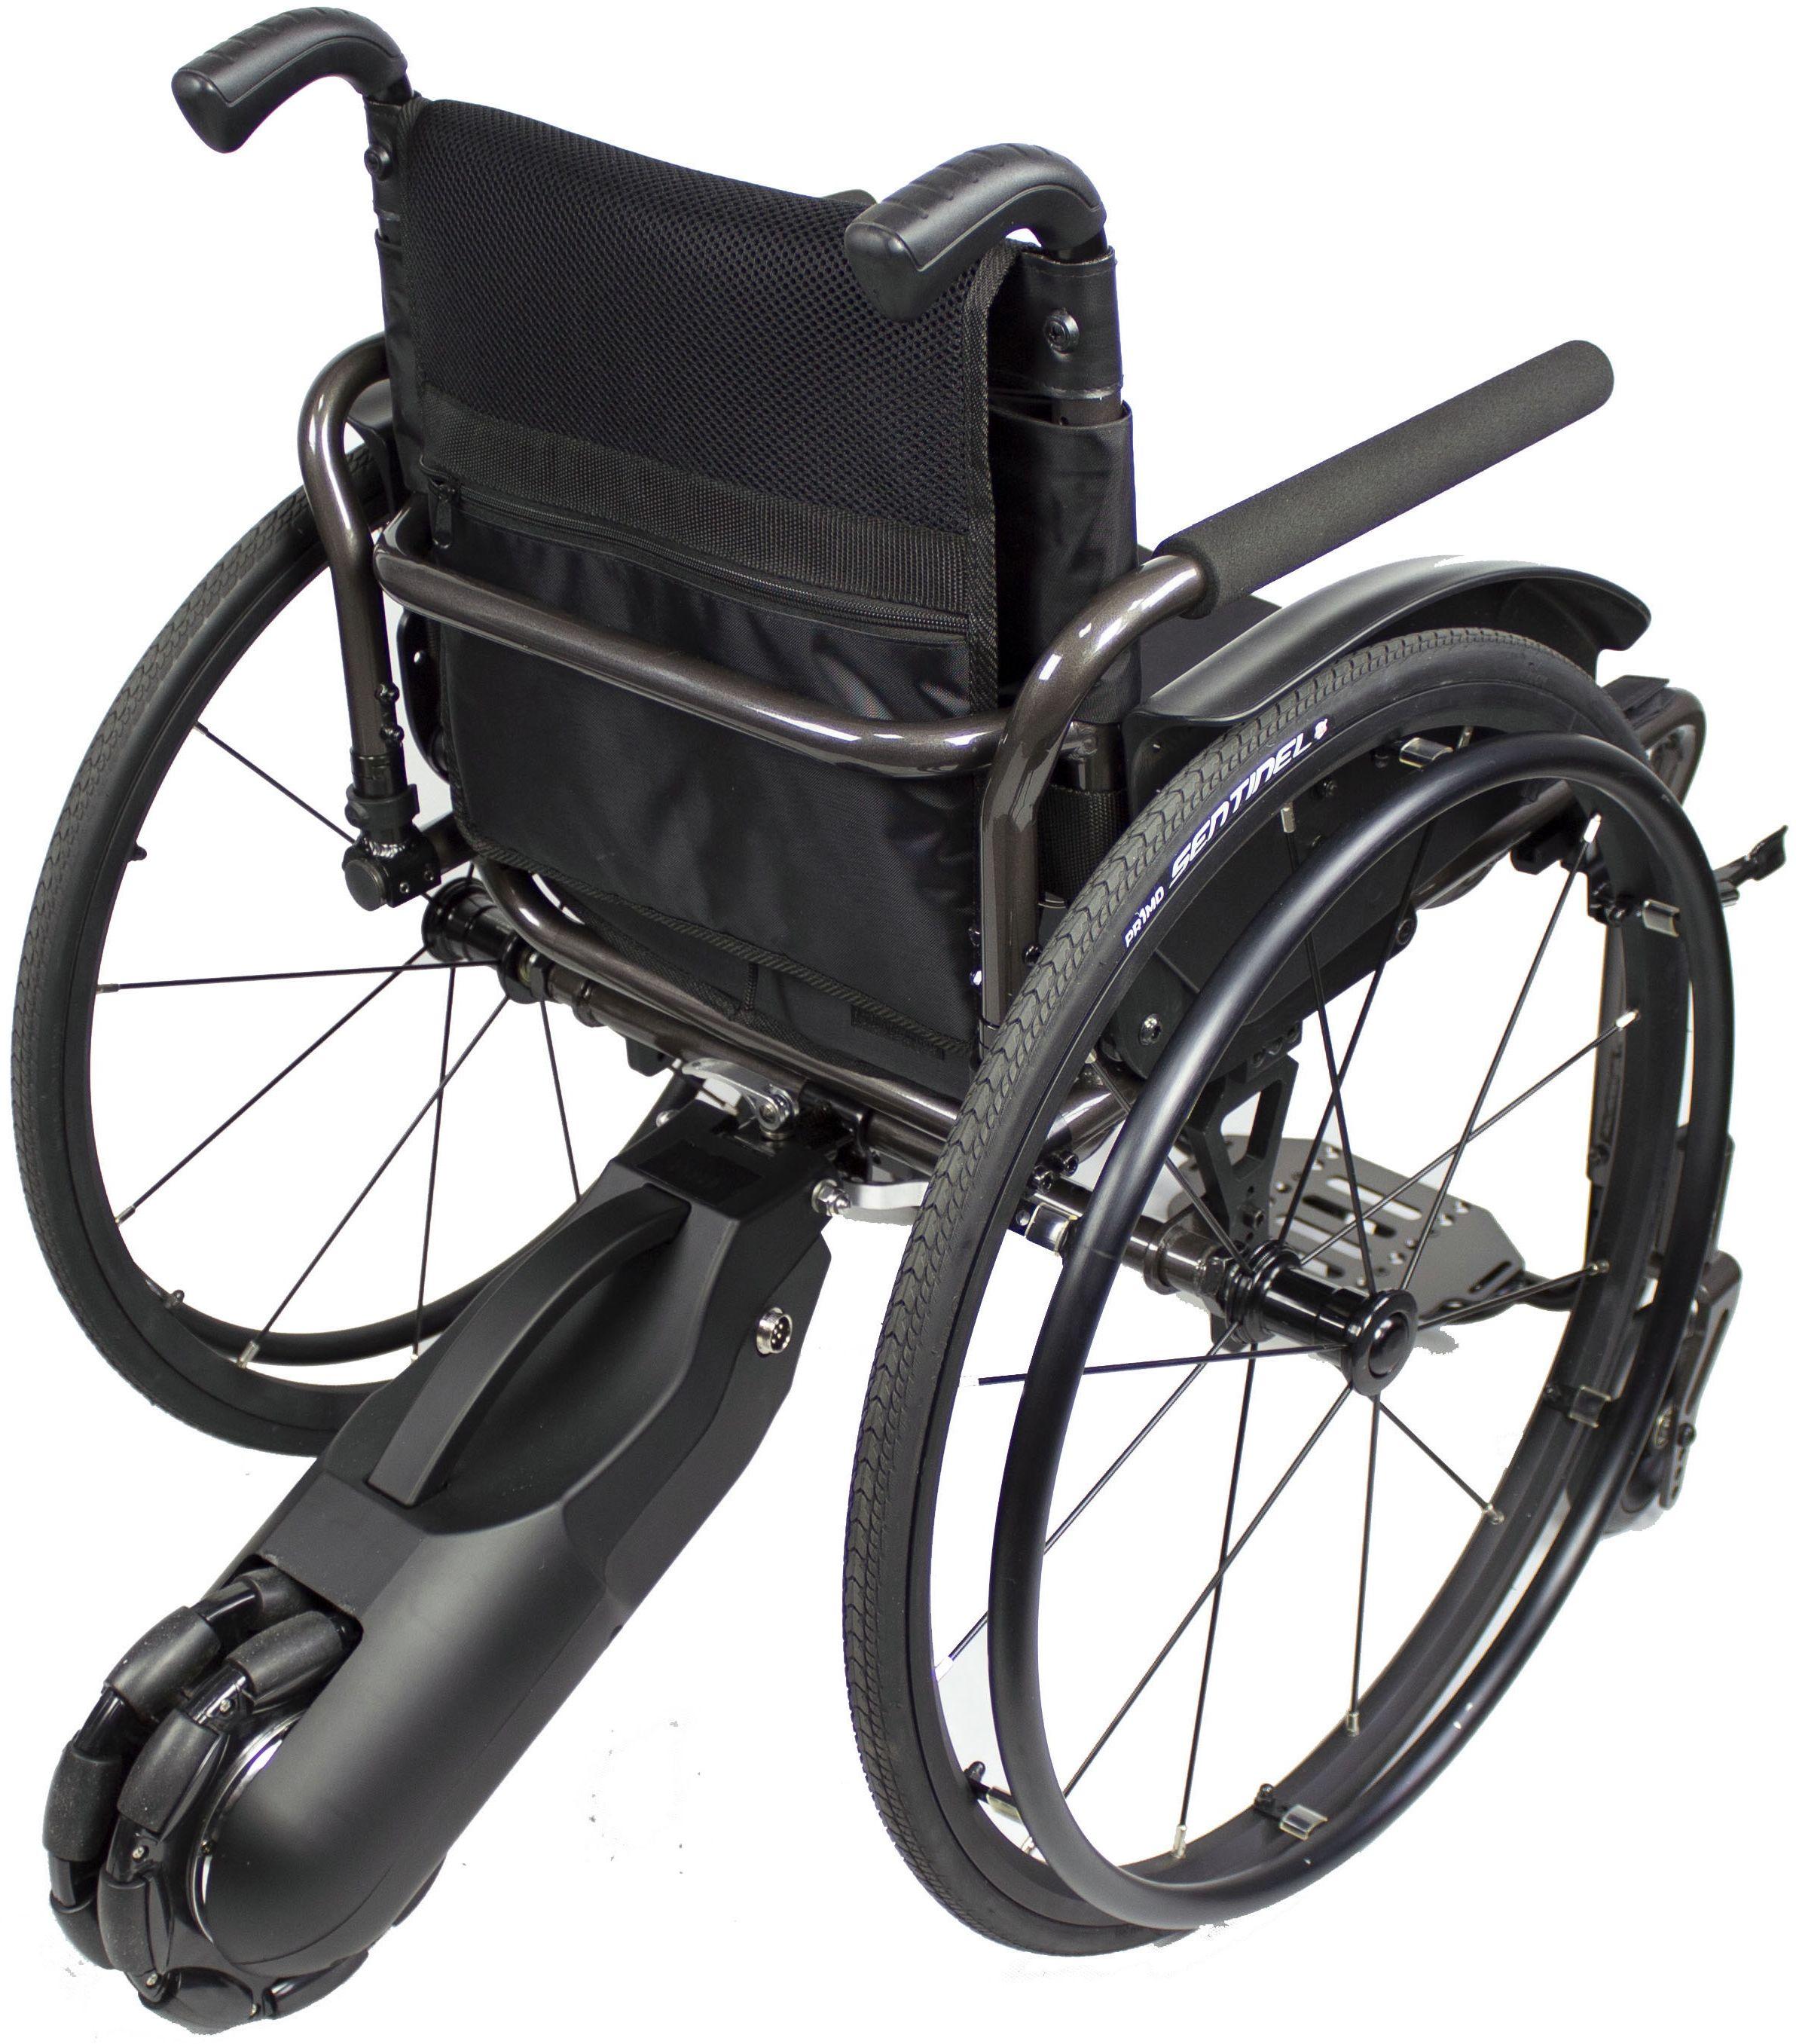 Dostawka elektryczna do wózka inwalidzkiego aktywnego - lekka o kompaktowych rozmiarach - napęd tylny wspomagający poruszanie wózkiem (Vitea Care WAY